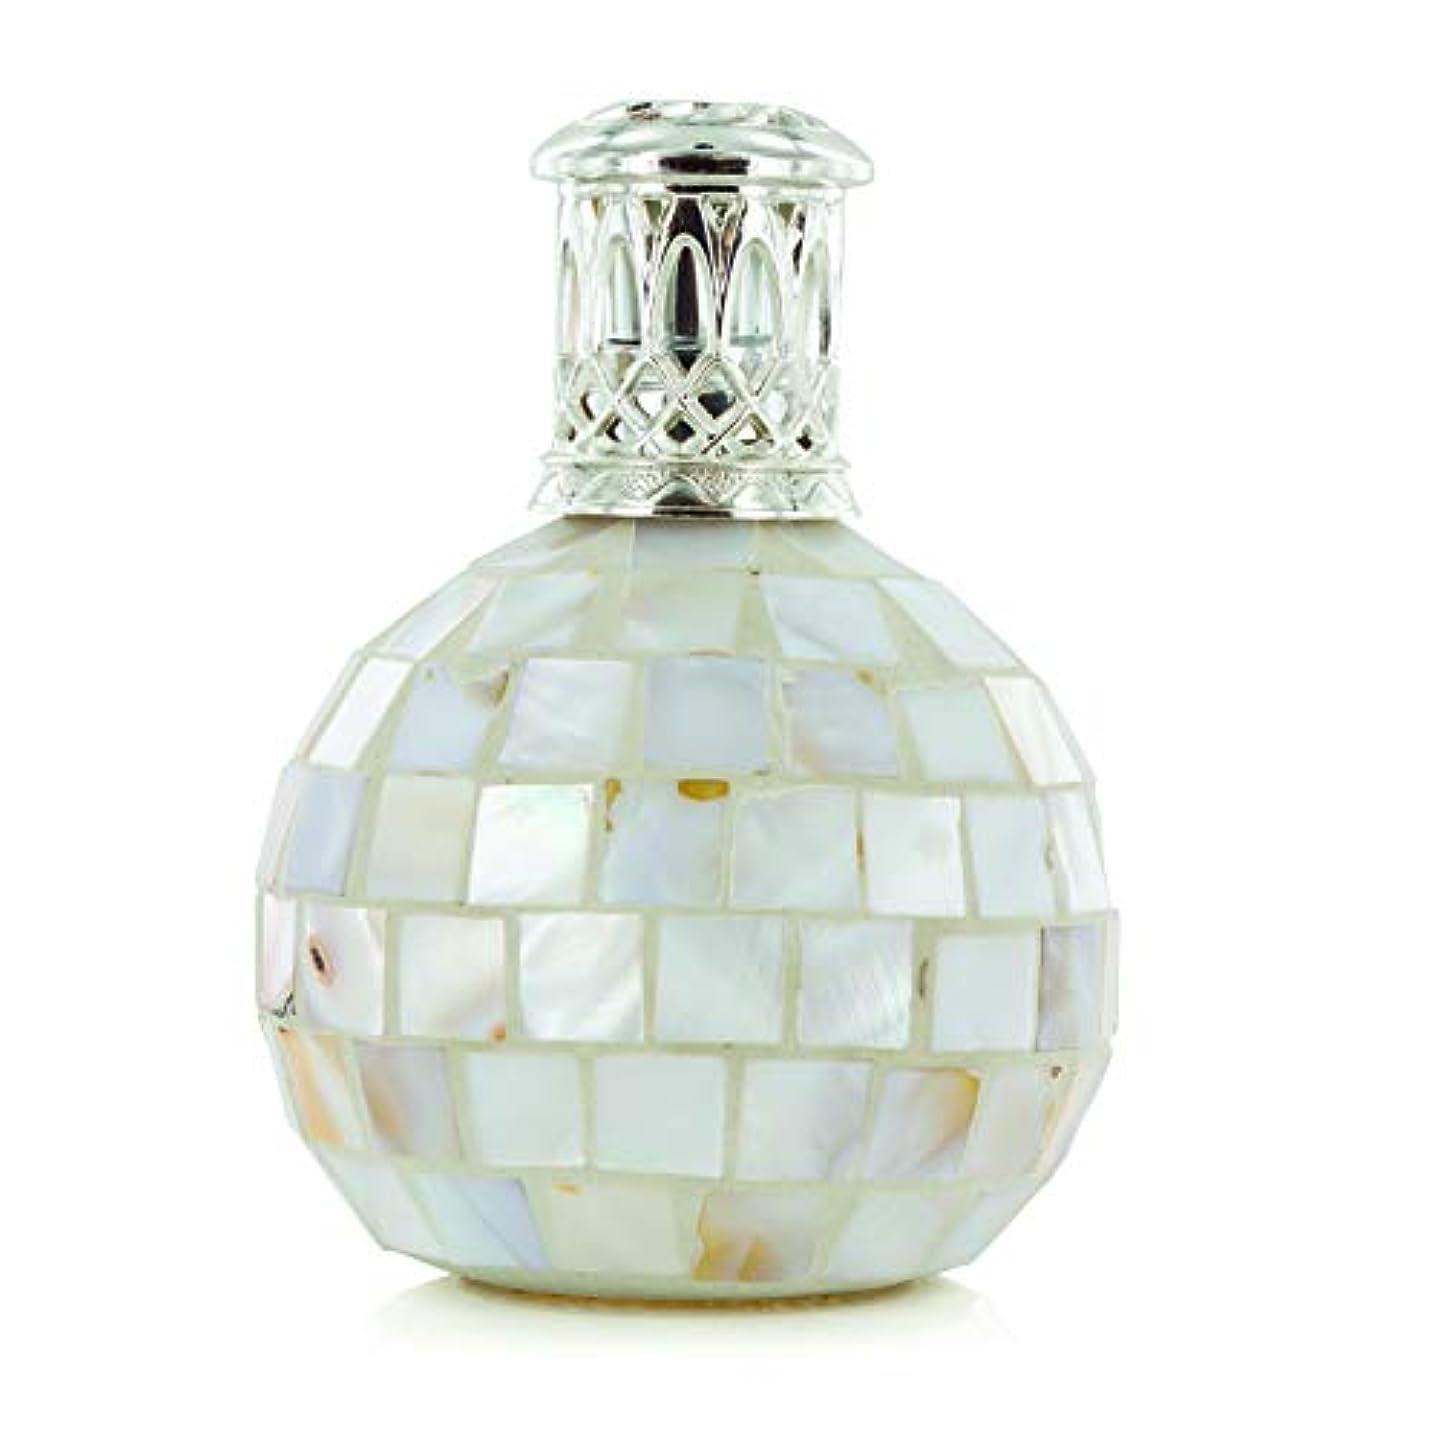 可愛い冗長国Ashleigh&Burwood フレグランスランプ S リトルオーシャン FragranceLamps sizeS LittleOcean アシュレイ&バーウッド